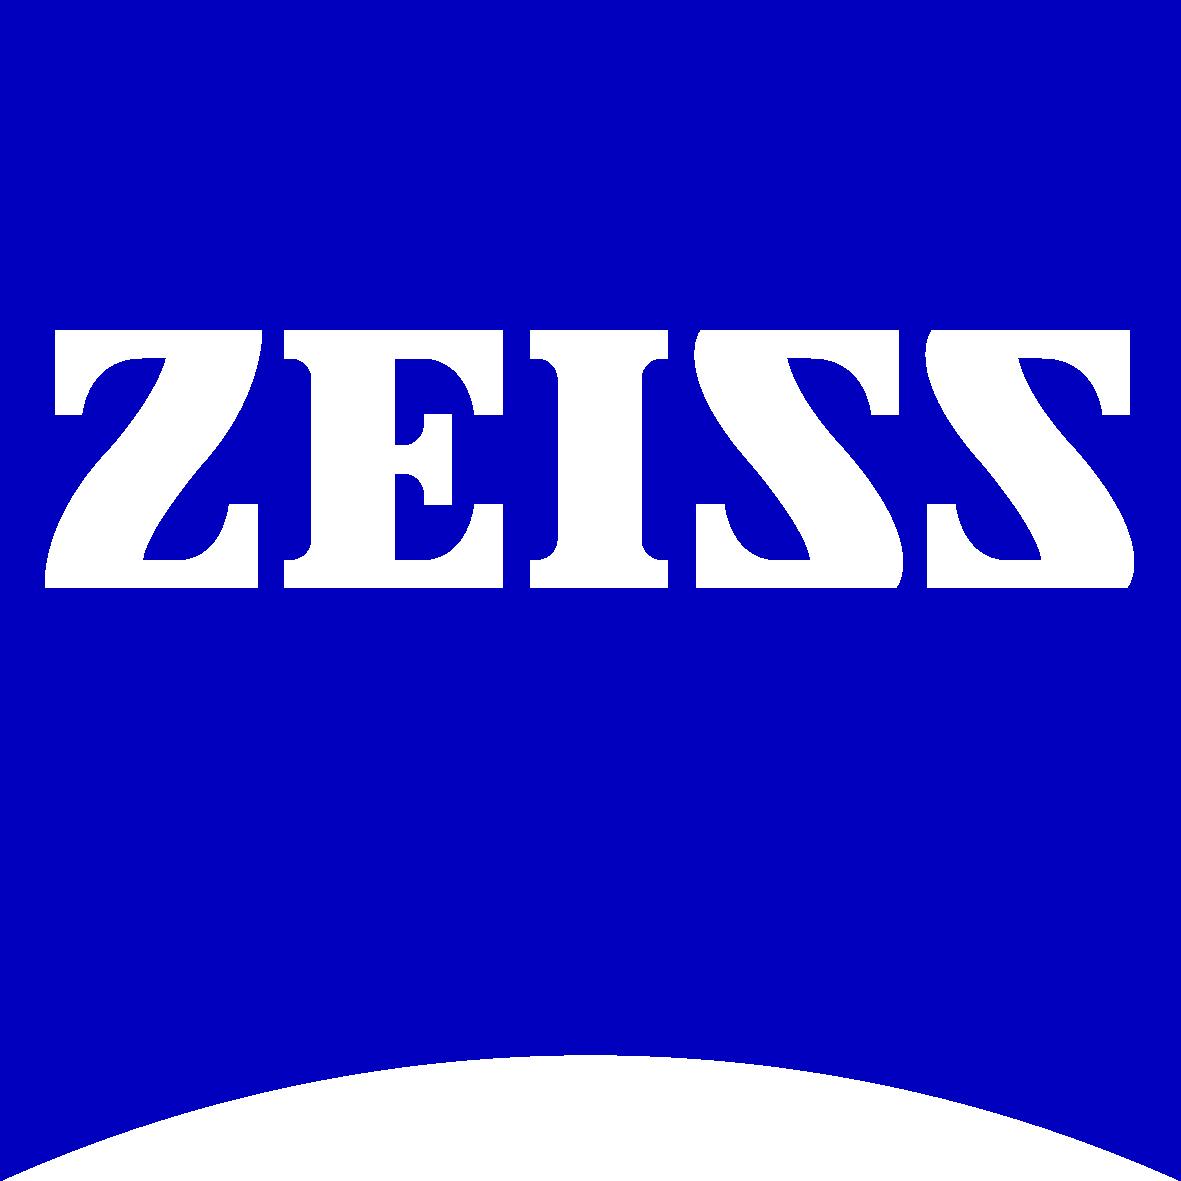 Zeiss_RGB